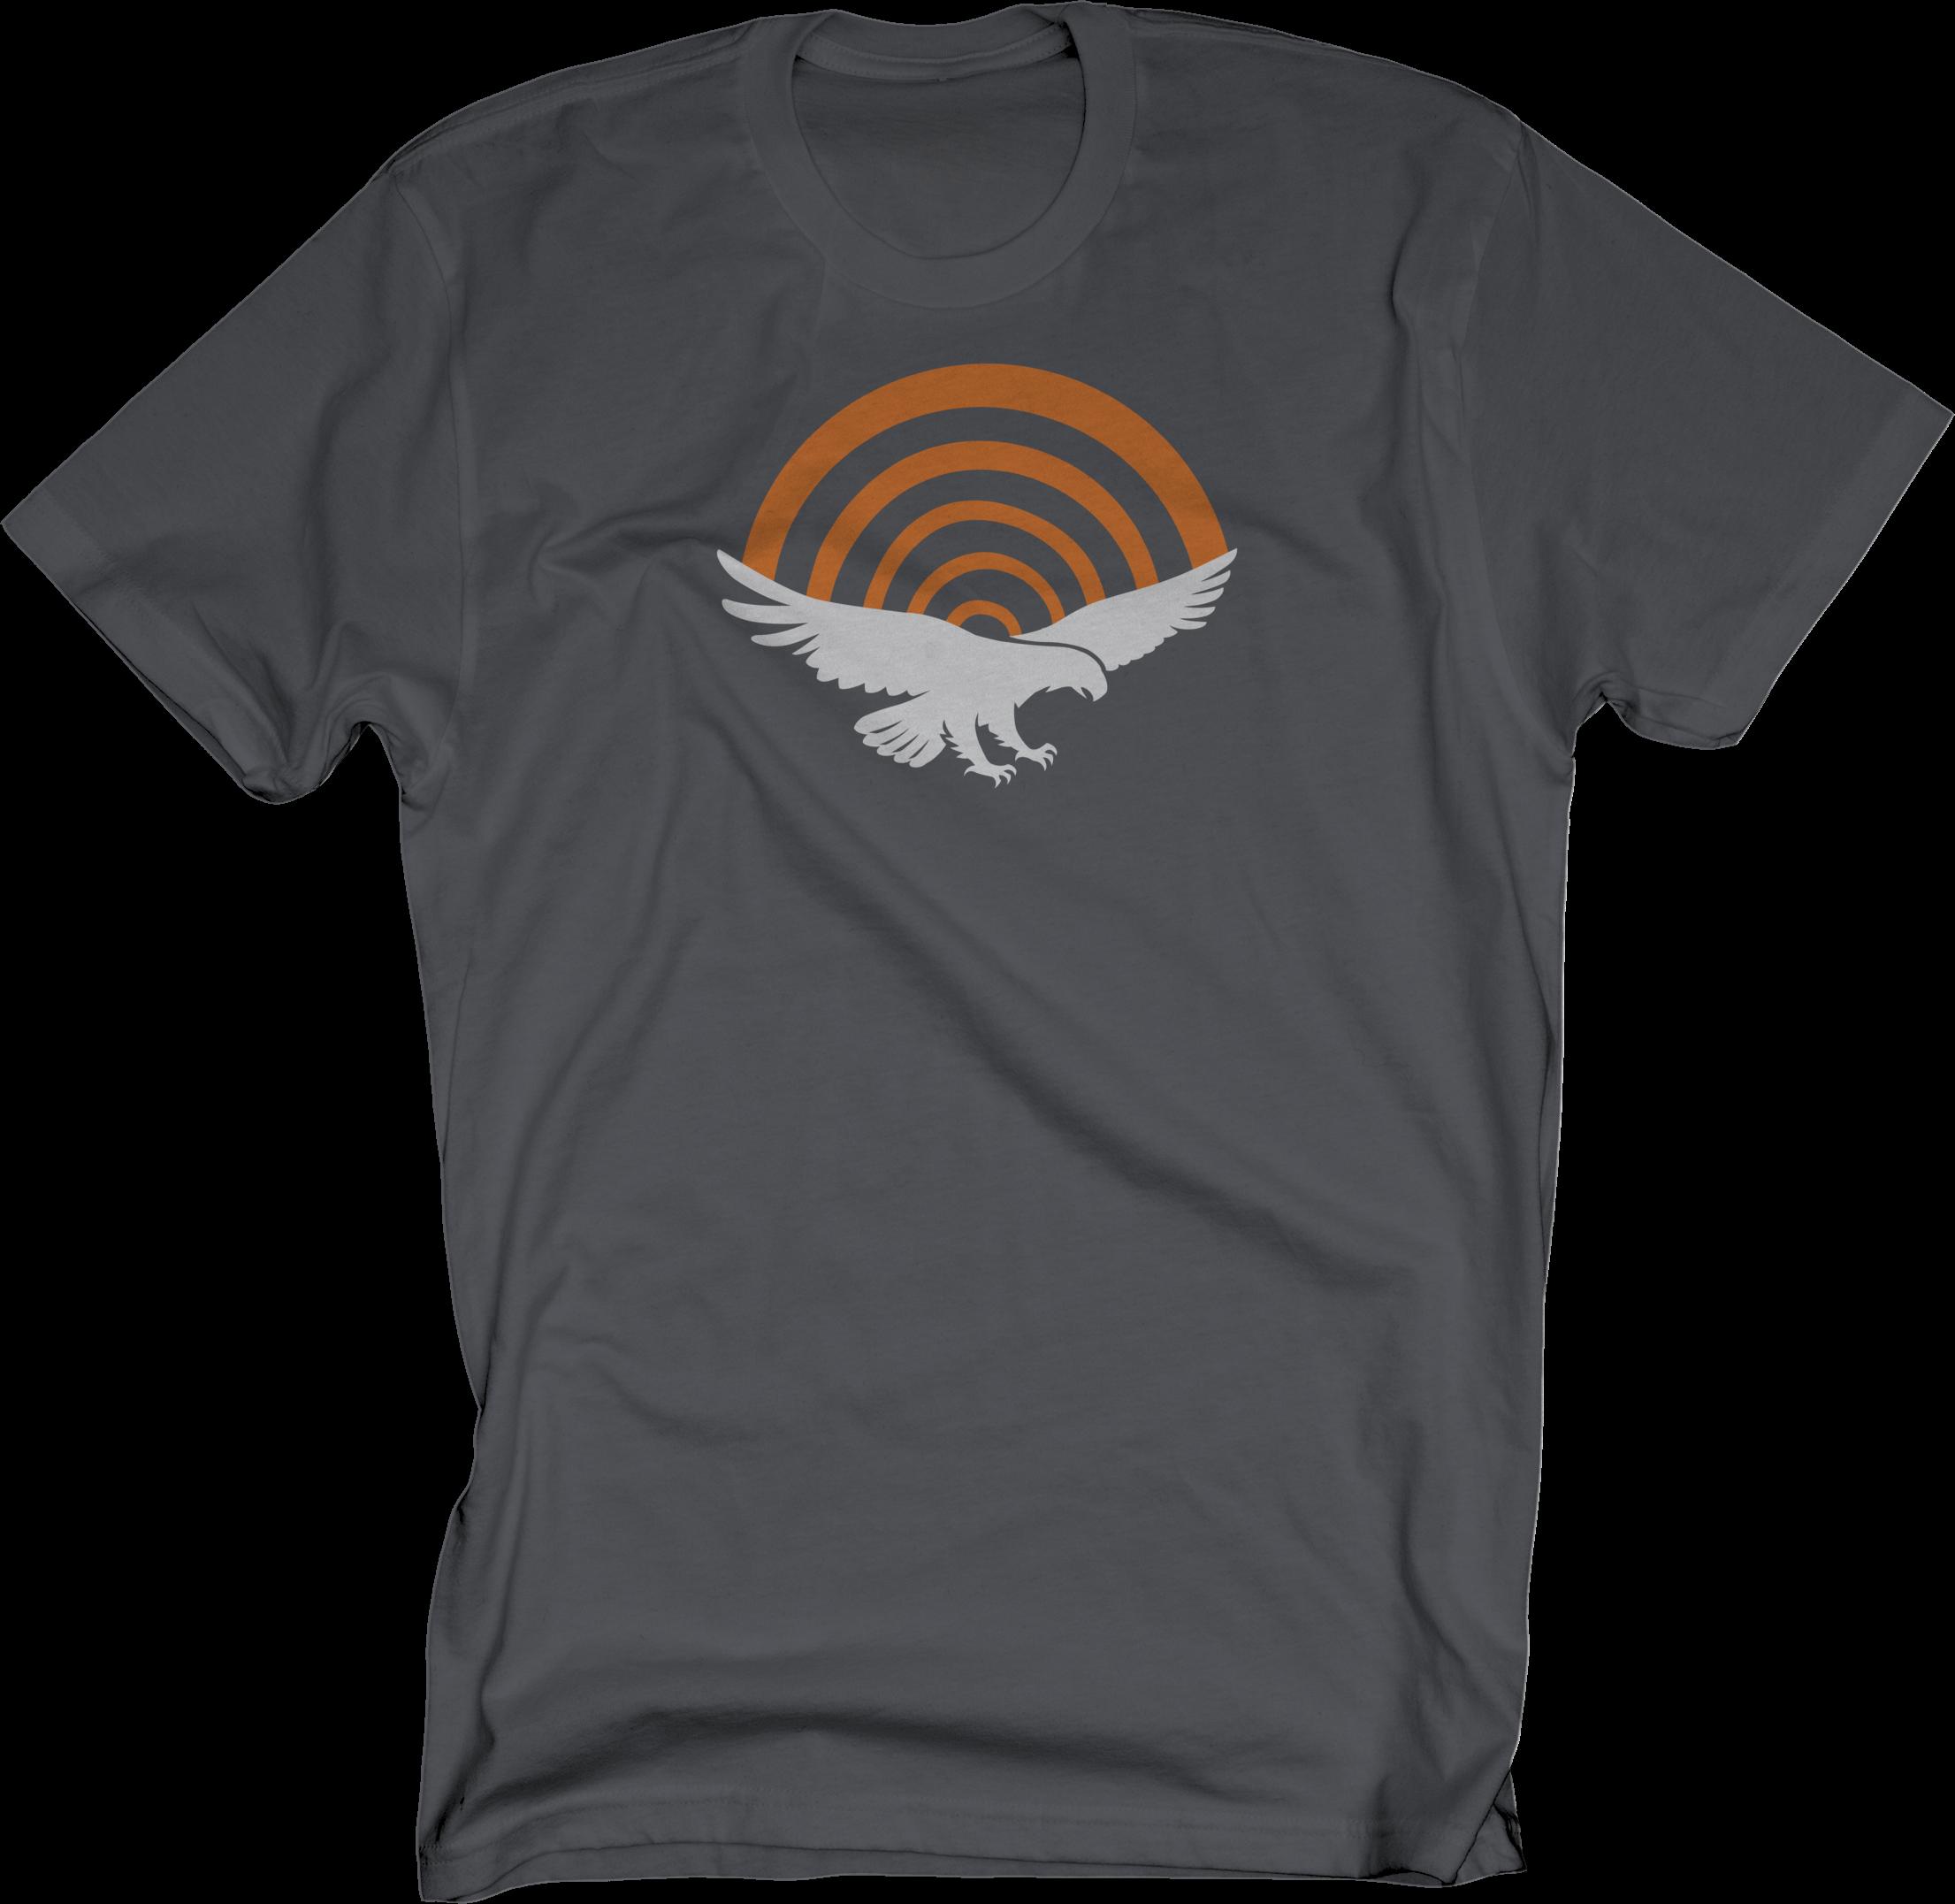 PatriotHole Logo on Charcoal T-Shirt